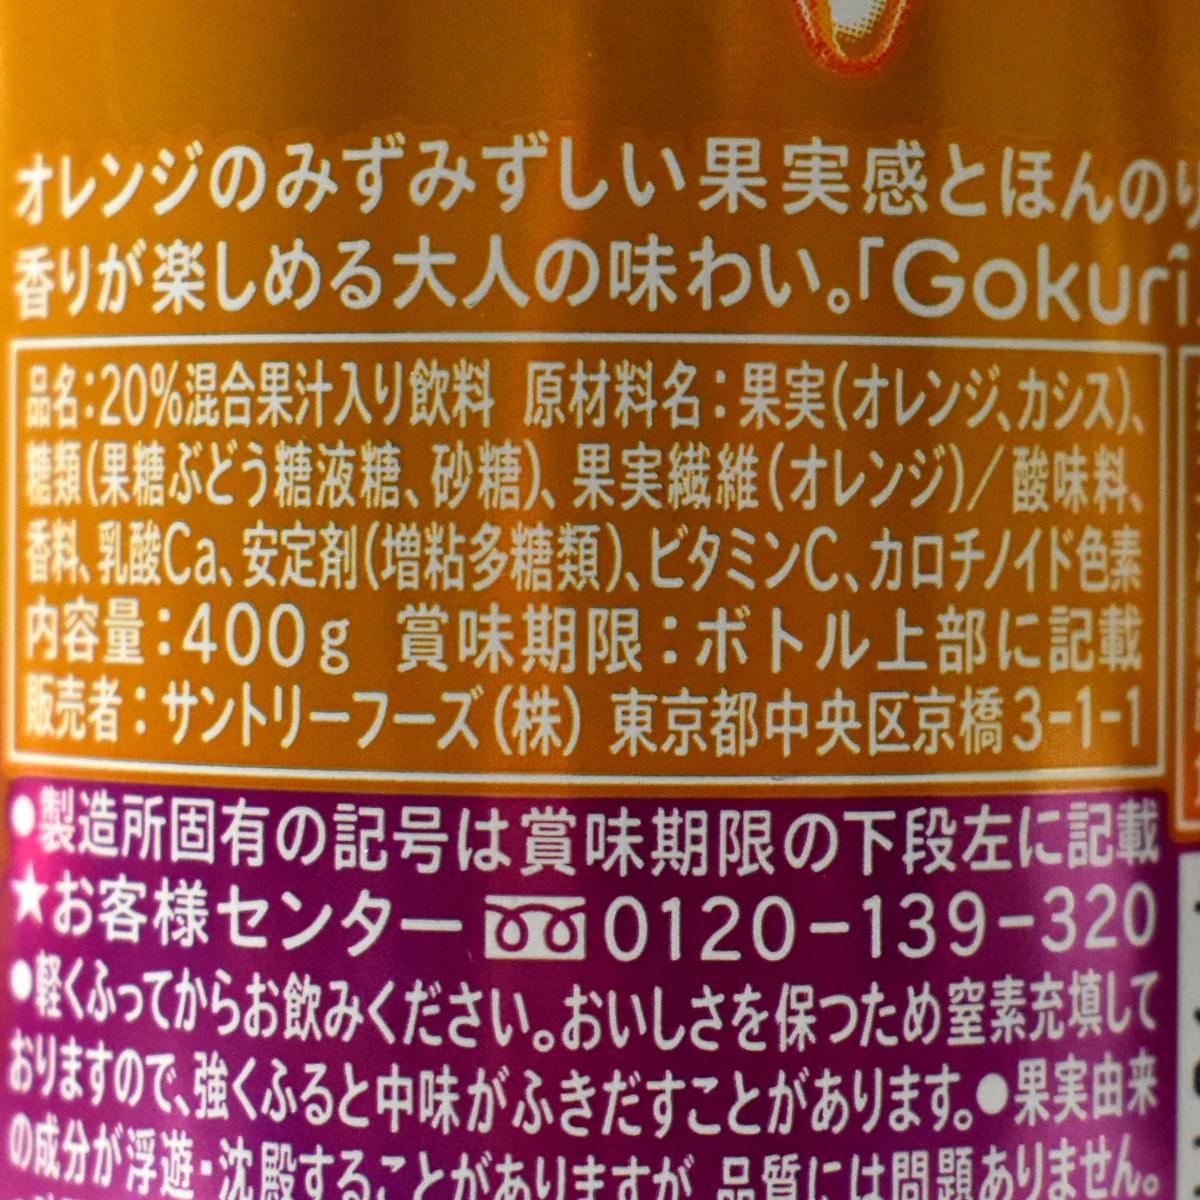 Gokuri カシス&オレンジの原材料名